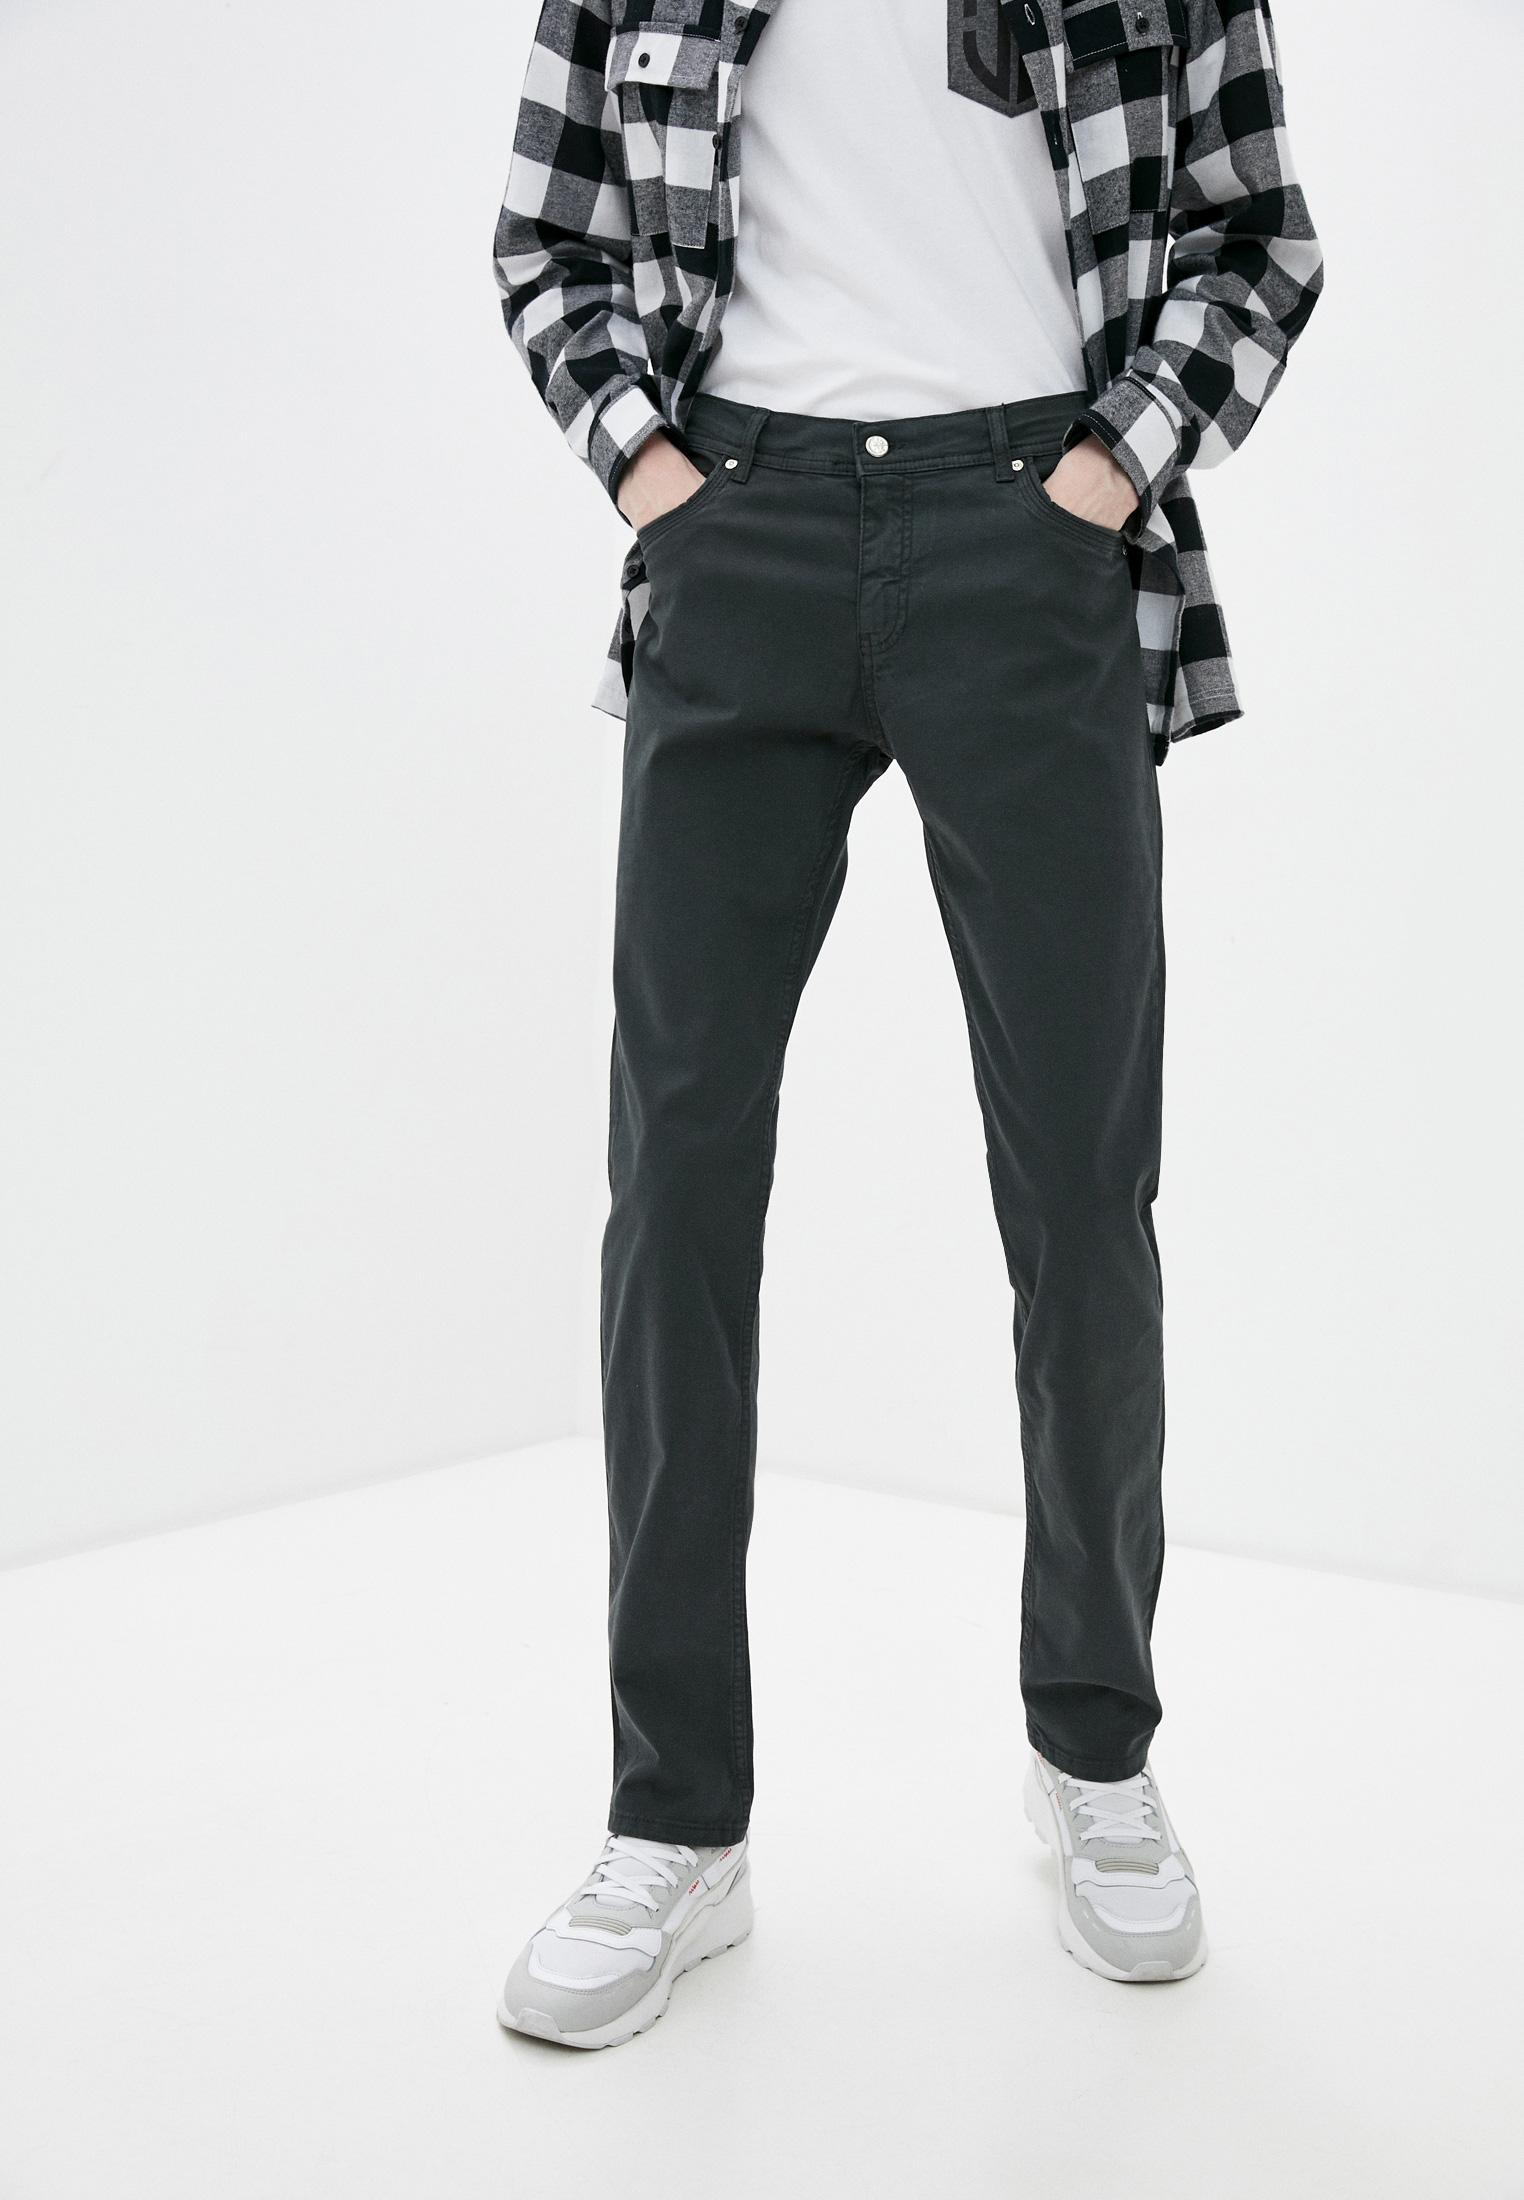 Мужские зауженные брюки Auden Cavill Брюки Auden Cavill